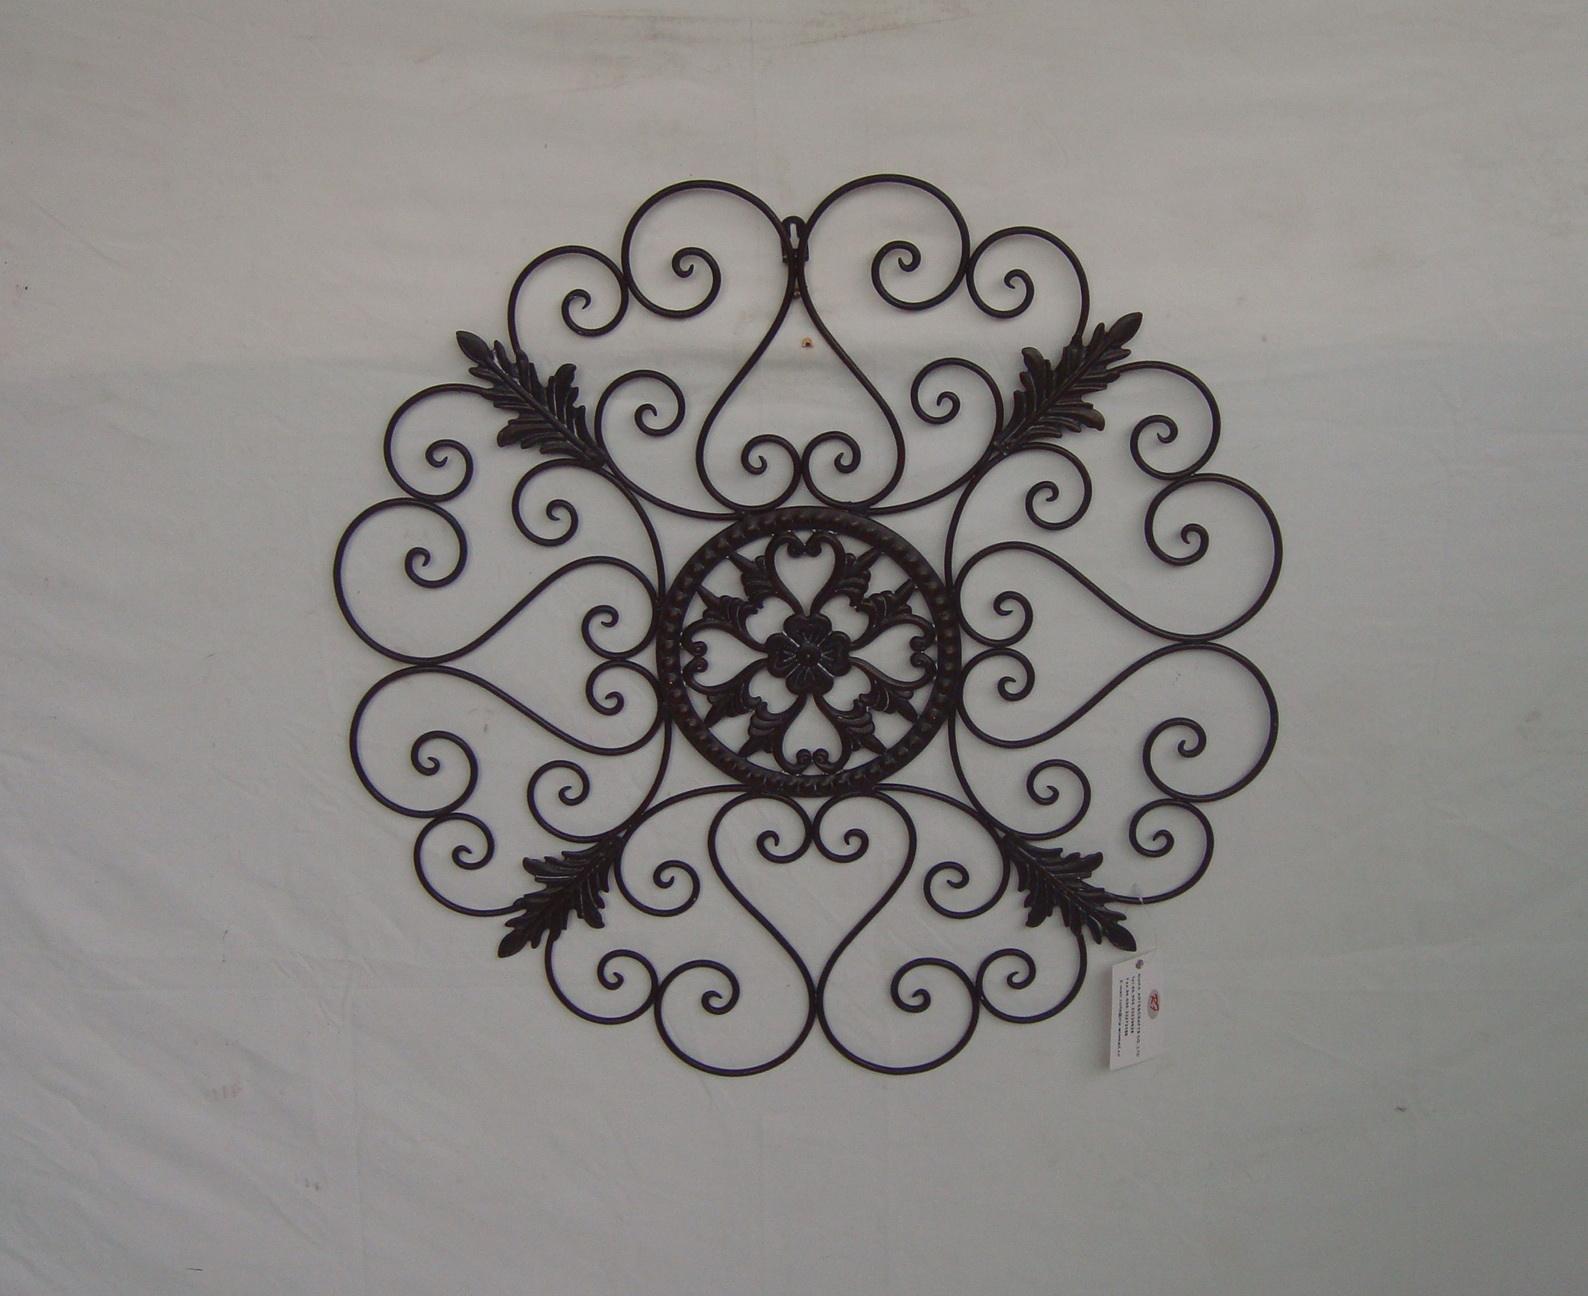 في الهواء الطلق ديكور المنزل شنقا <span class=keywords><strong>الفني</strong></span>ة المعدنية العتيقة الجدار الديكور